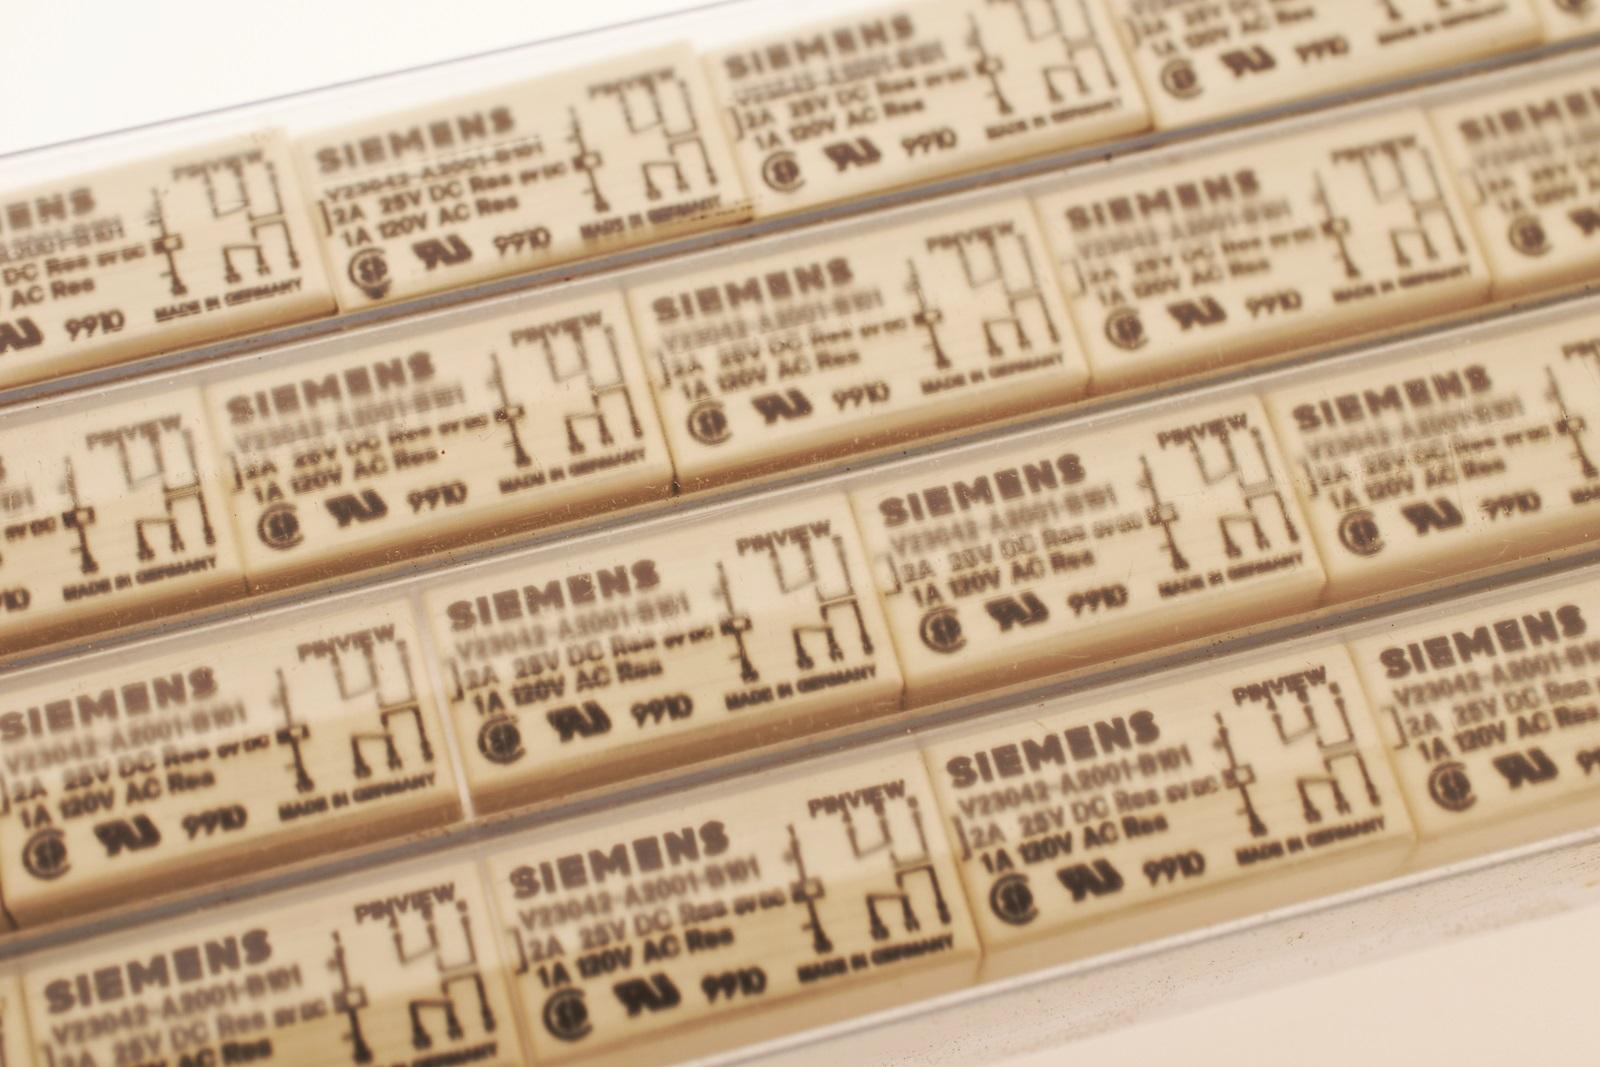 Siemens V23042-A2001-B101 Print Relais 2xUM   #712424